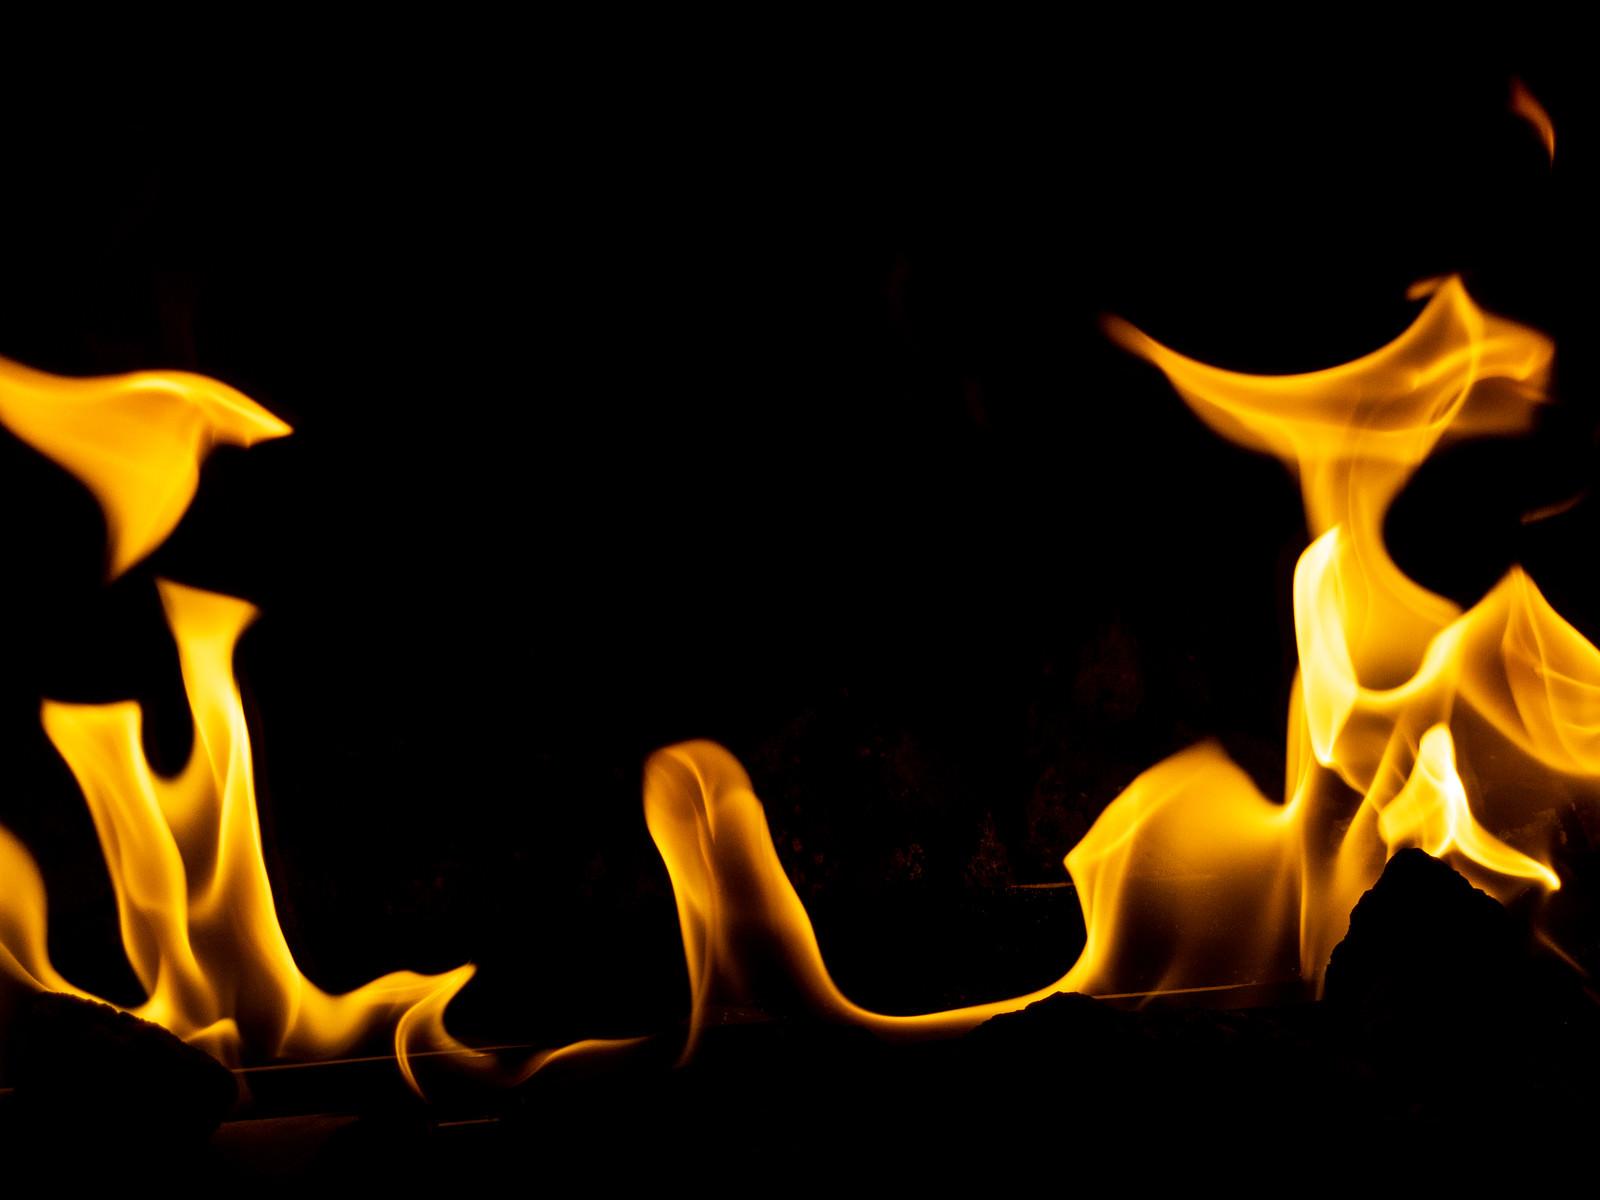 「暖炉の火」の写真